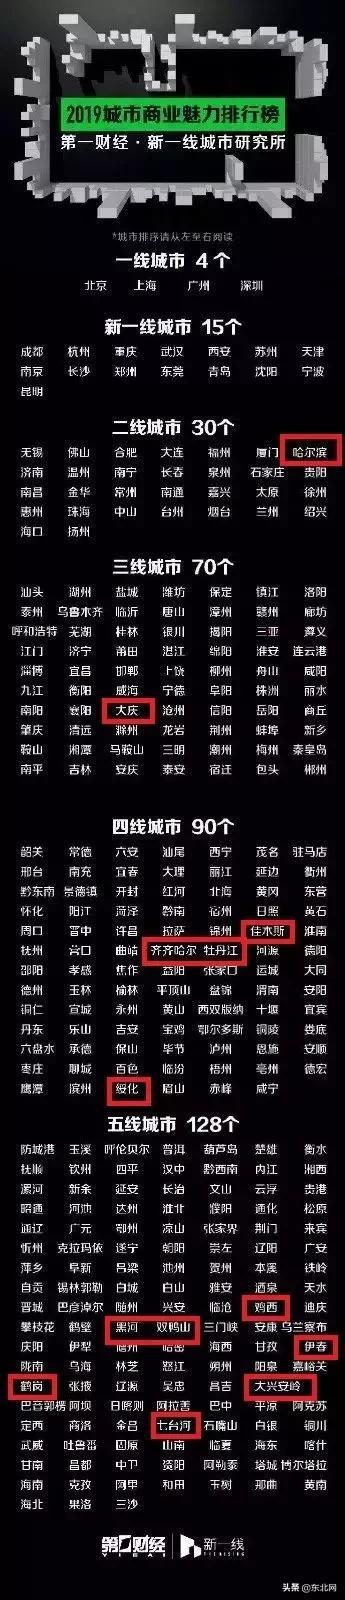 哈尔滨到底是几线城市,黑龙江各地最新排行榜来了